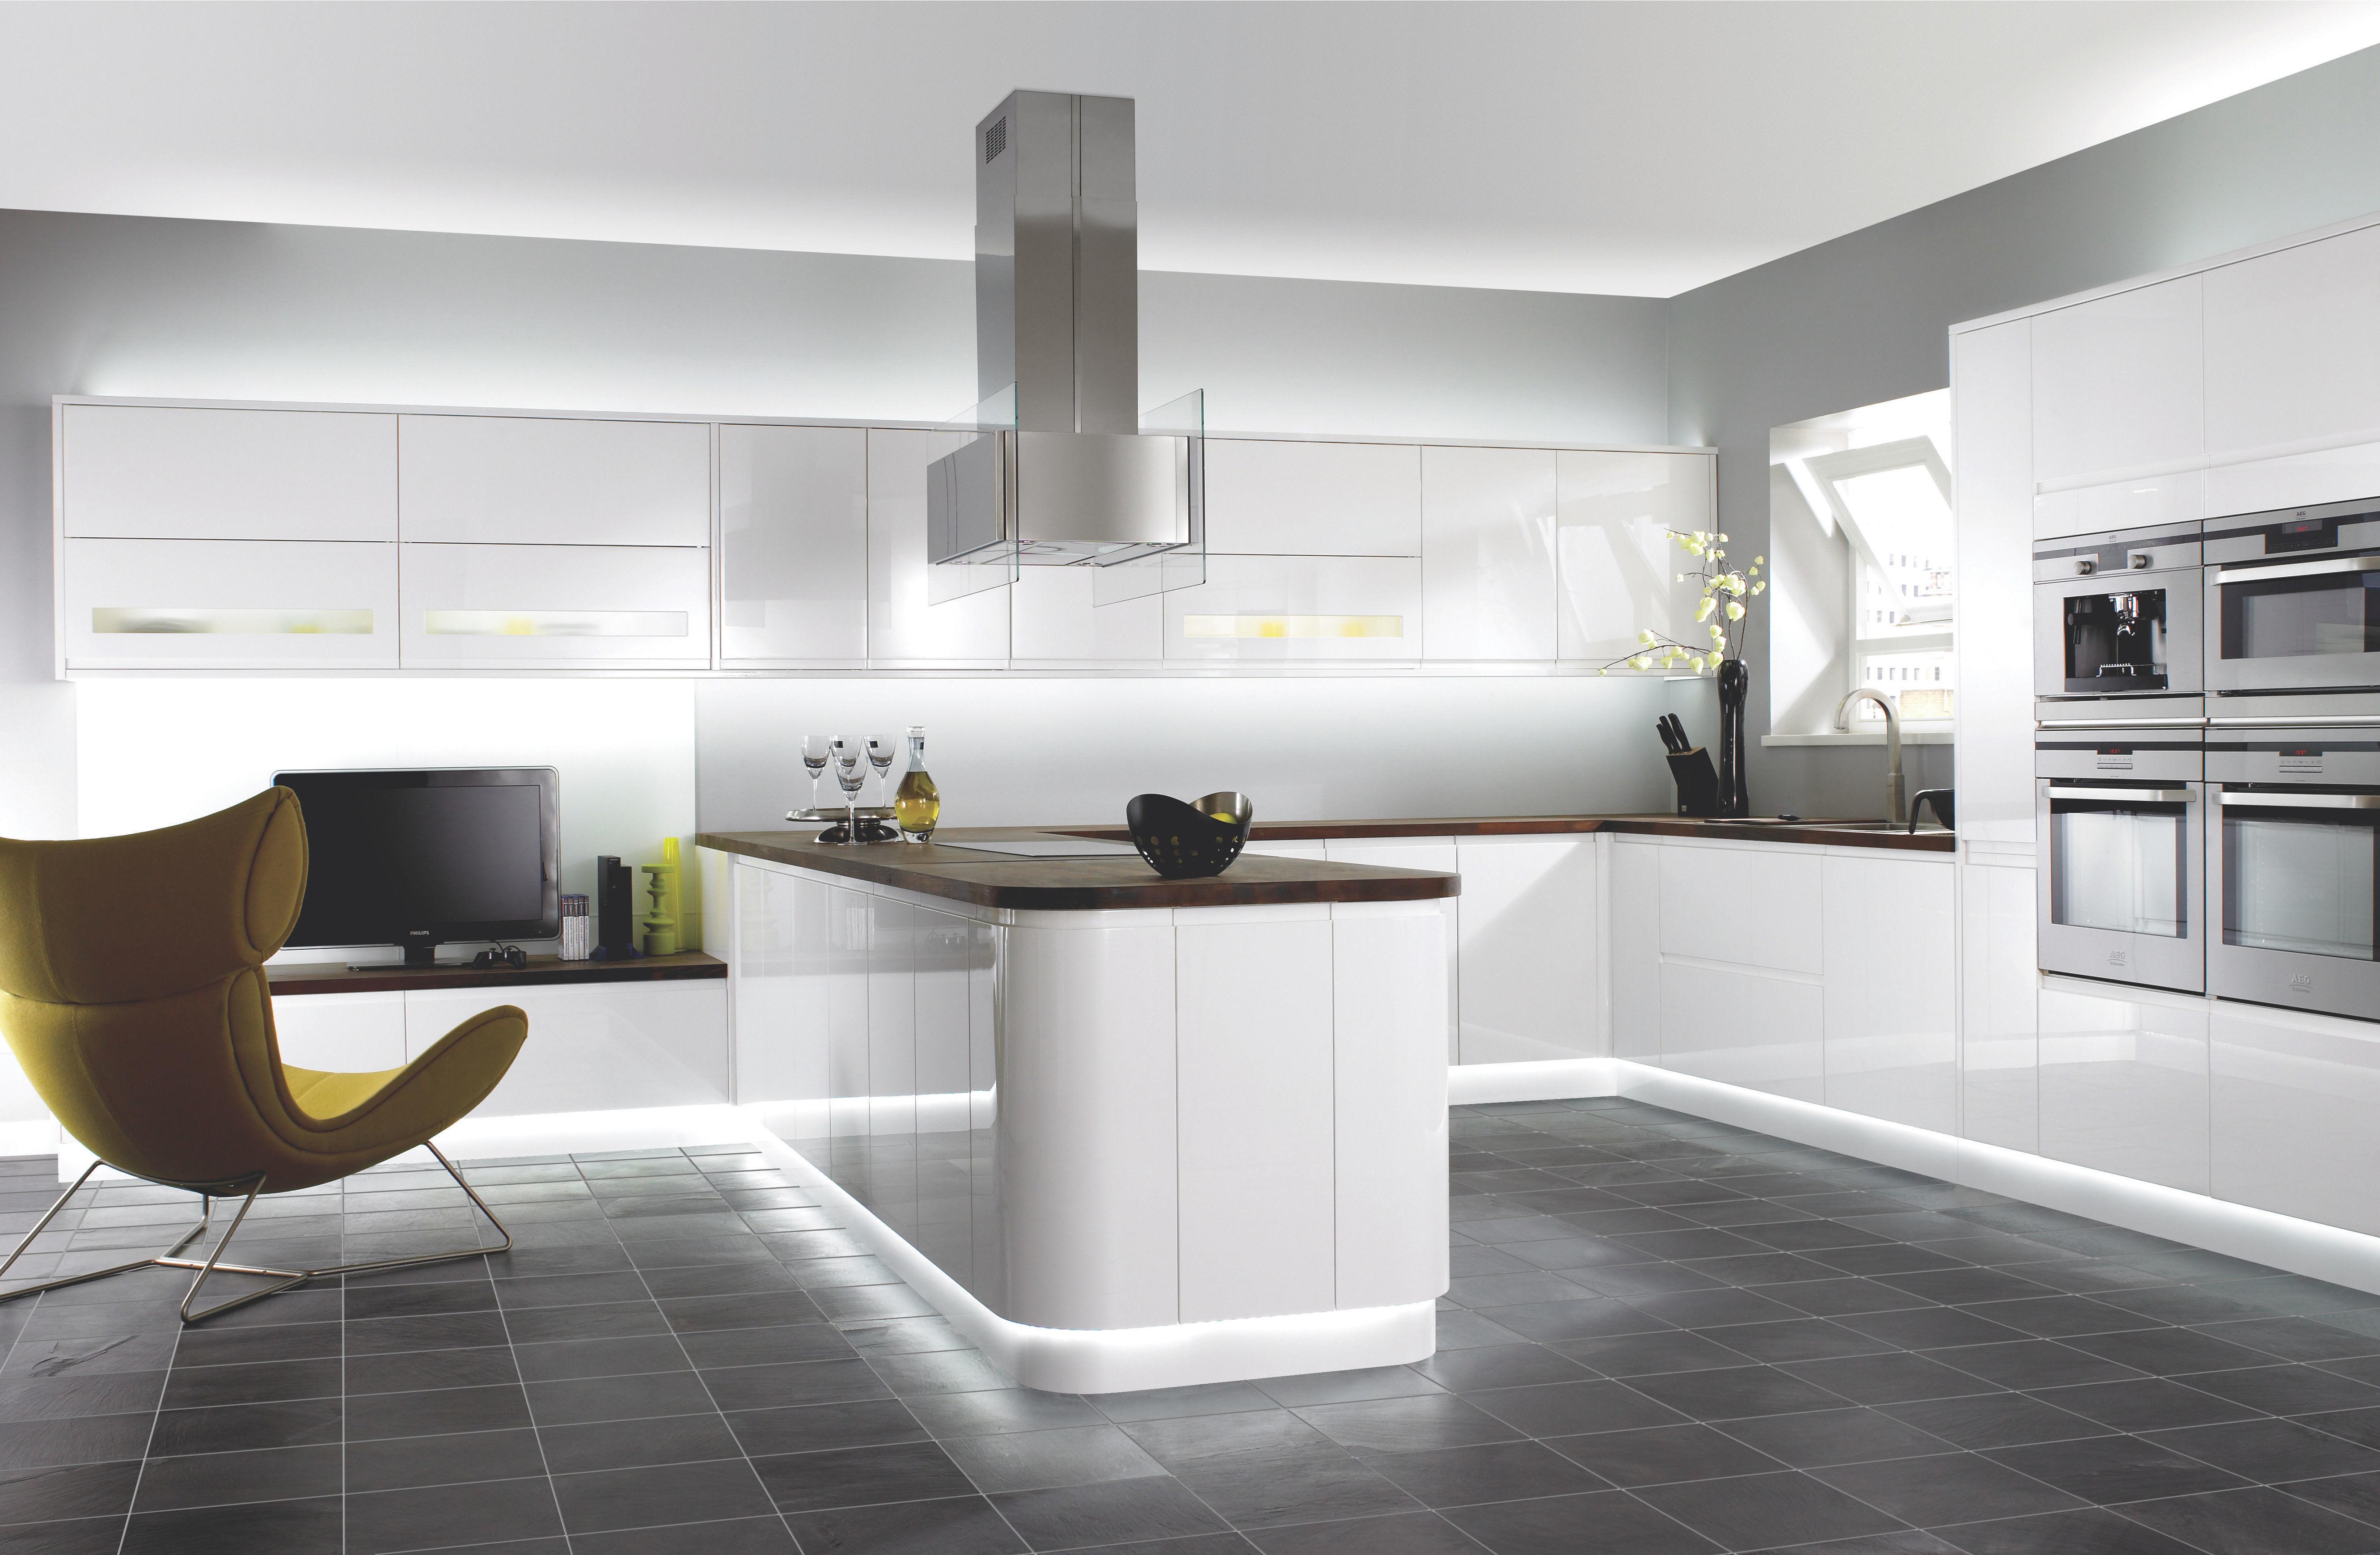 Modern Kitchens | Contemporary Modern Kitchen Designs | Wren ...